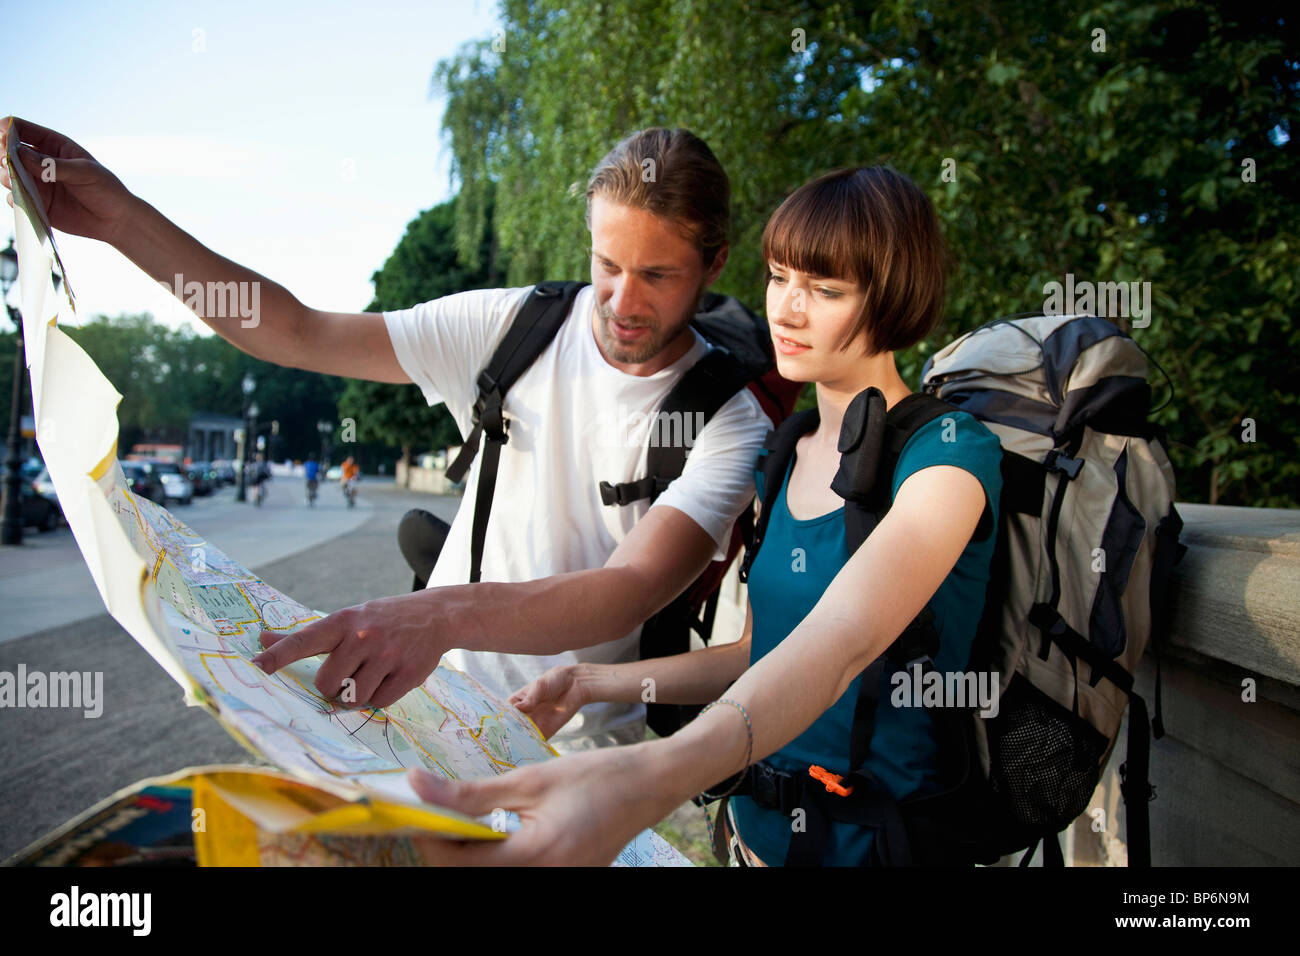 Un joven mochilero pareja mirando un mapa de la ciudad Foto de stock